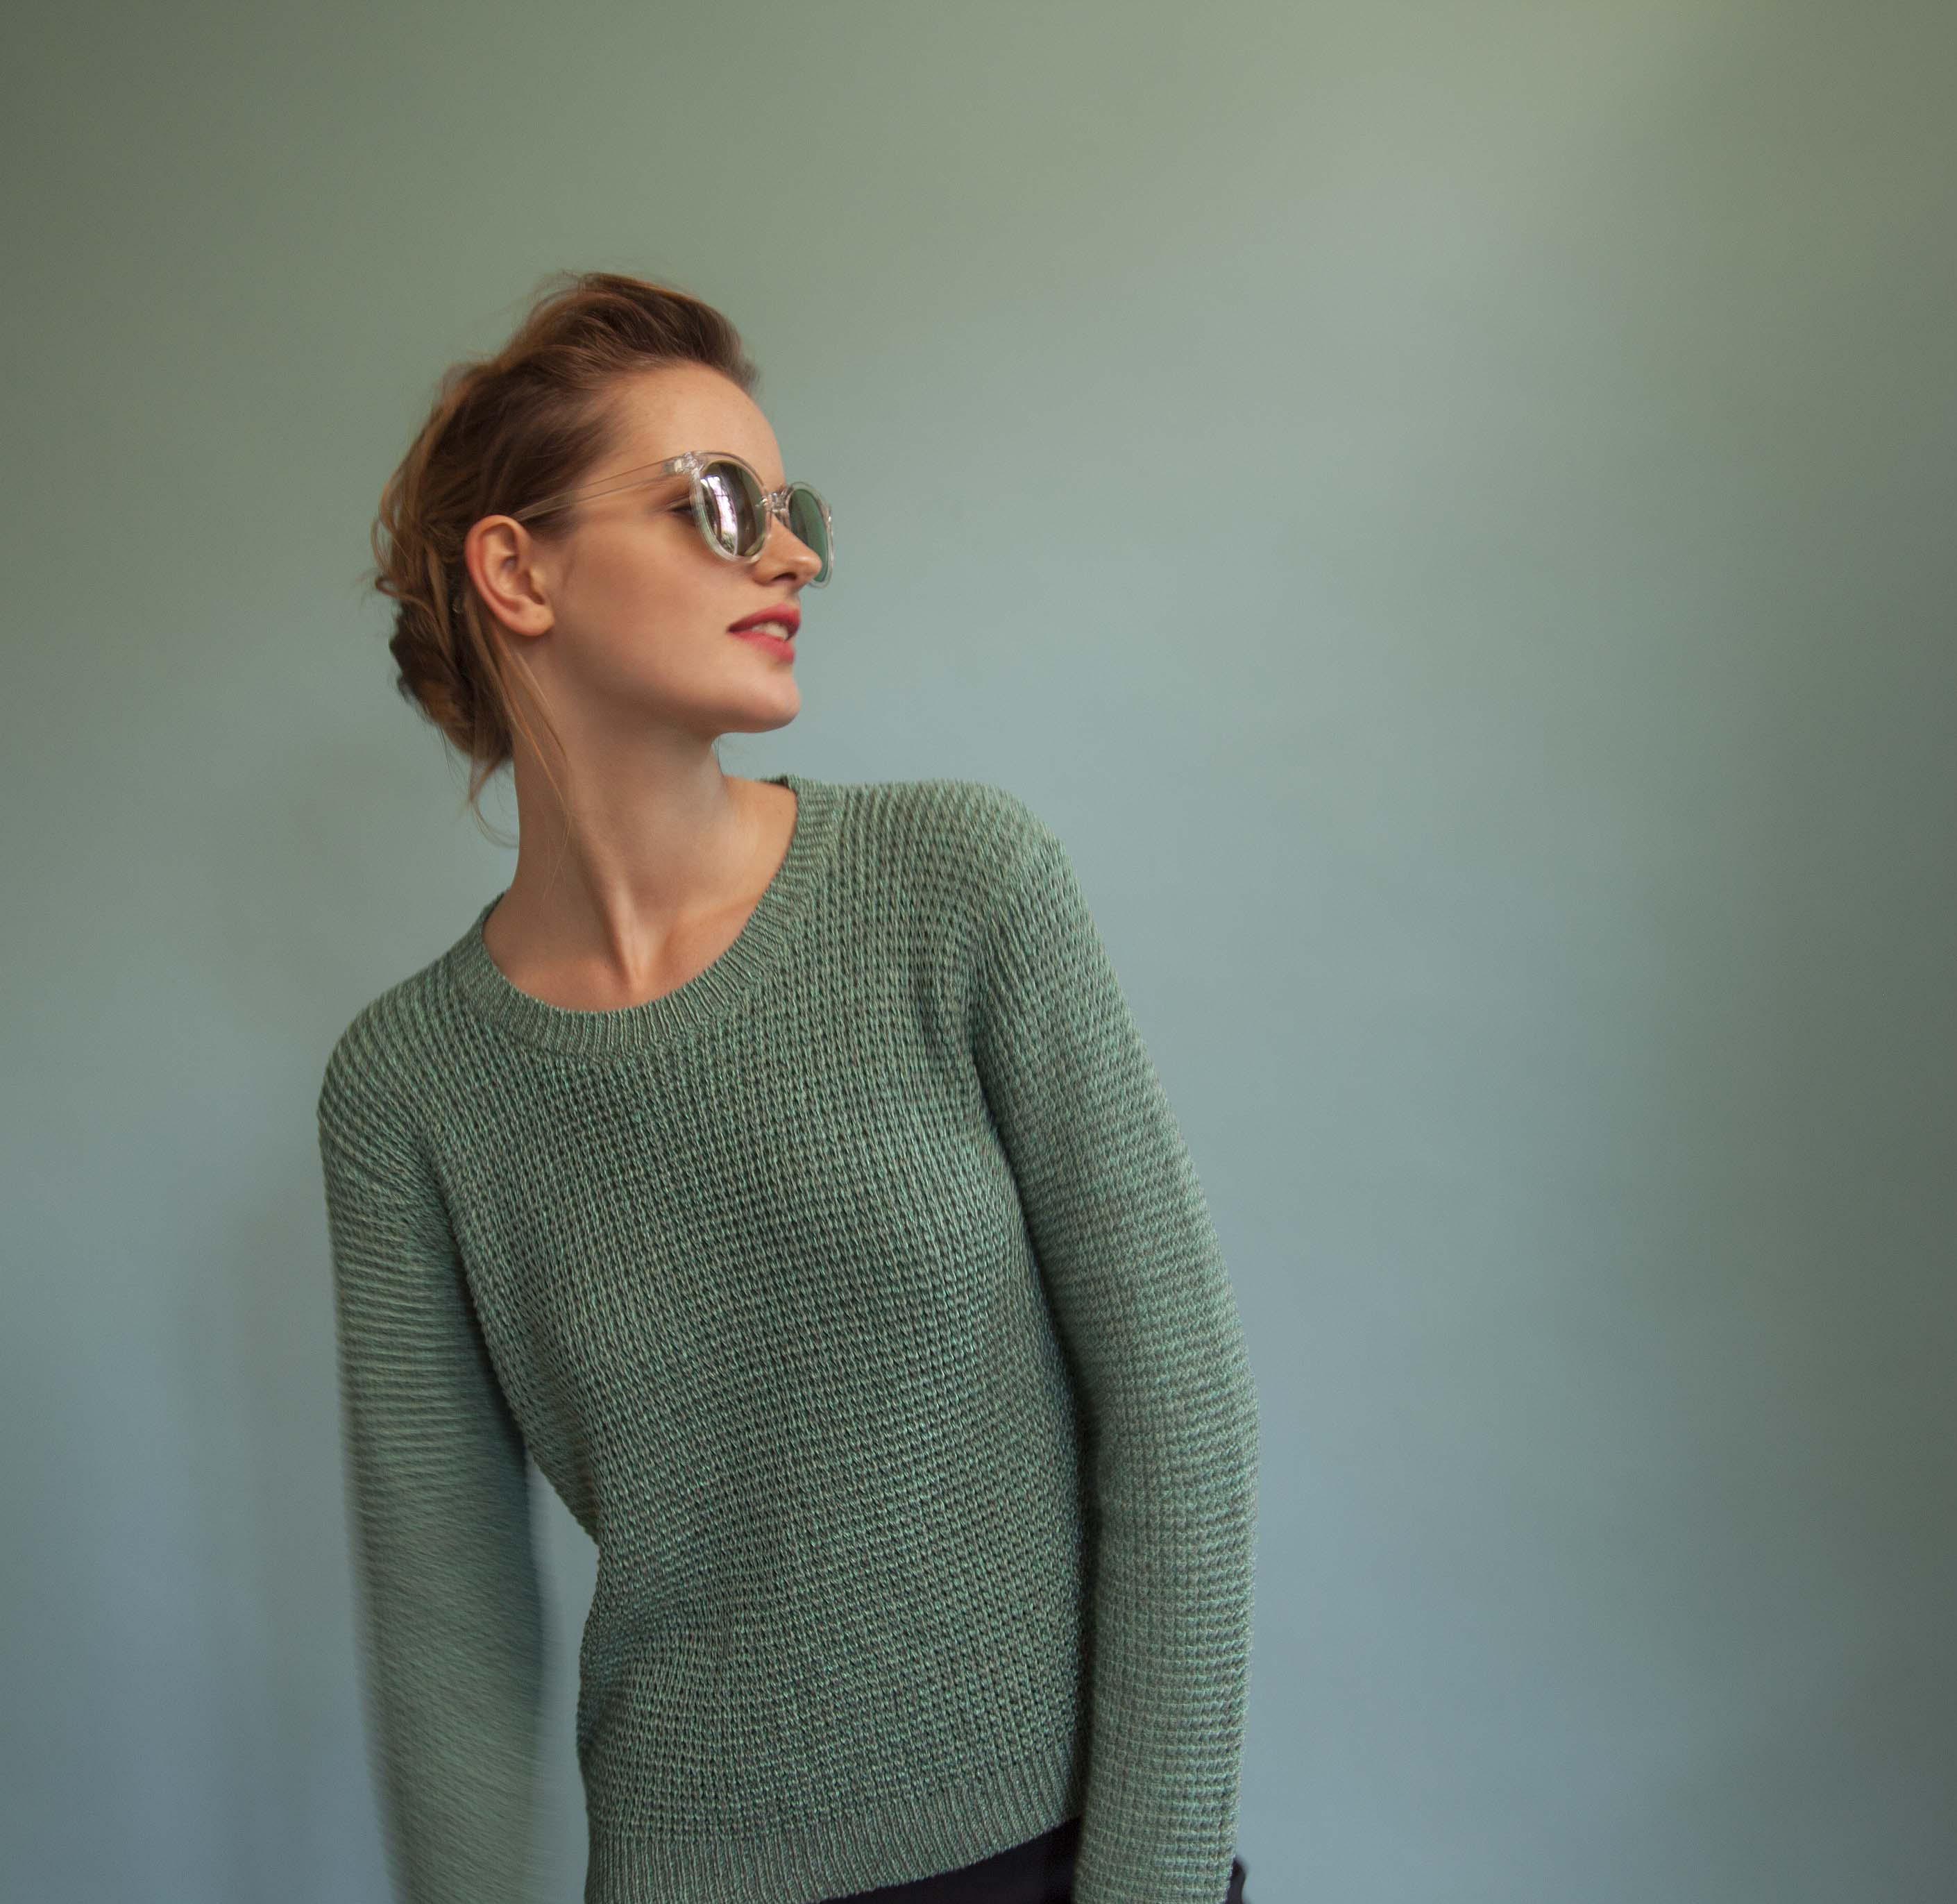 pull pour femme vert irisé coton Lux White